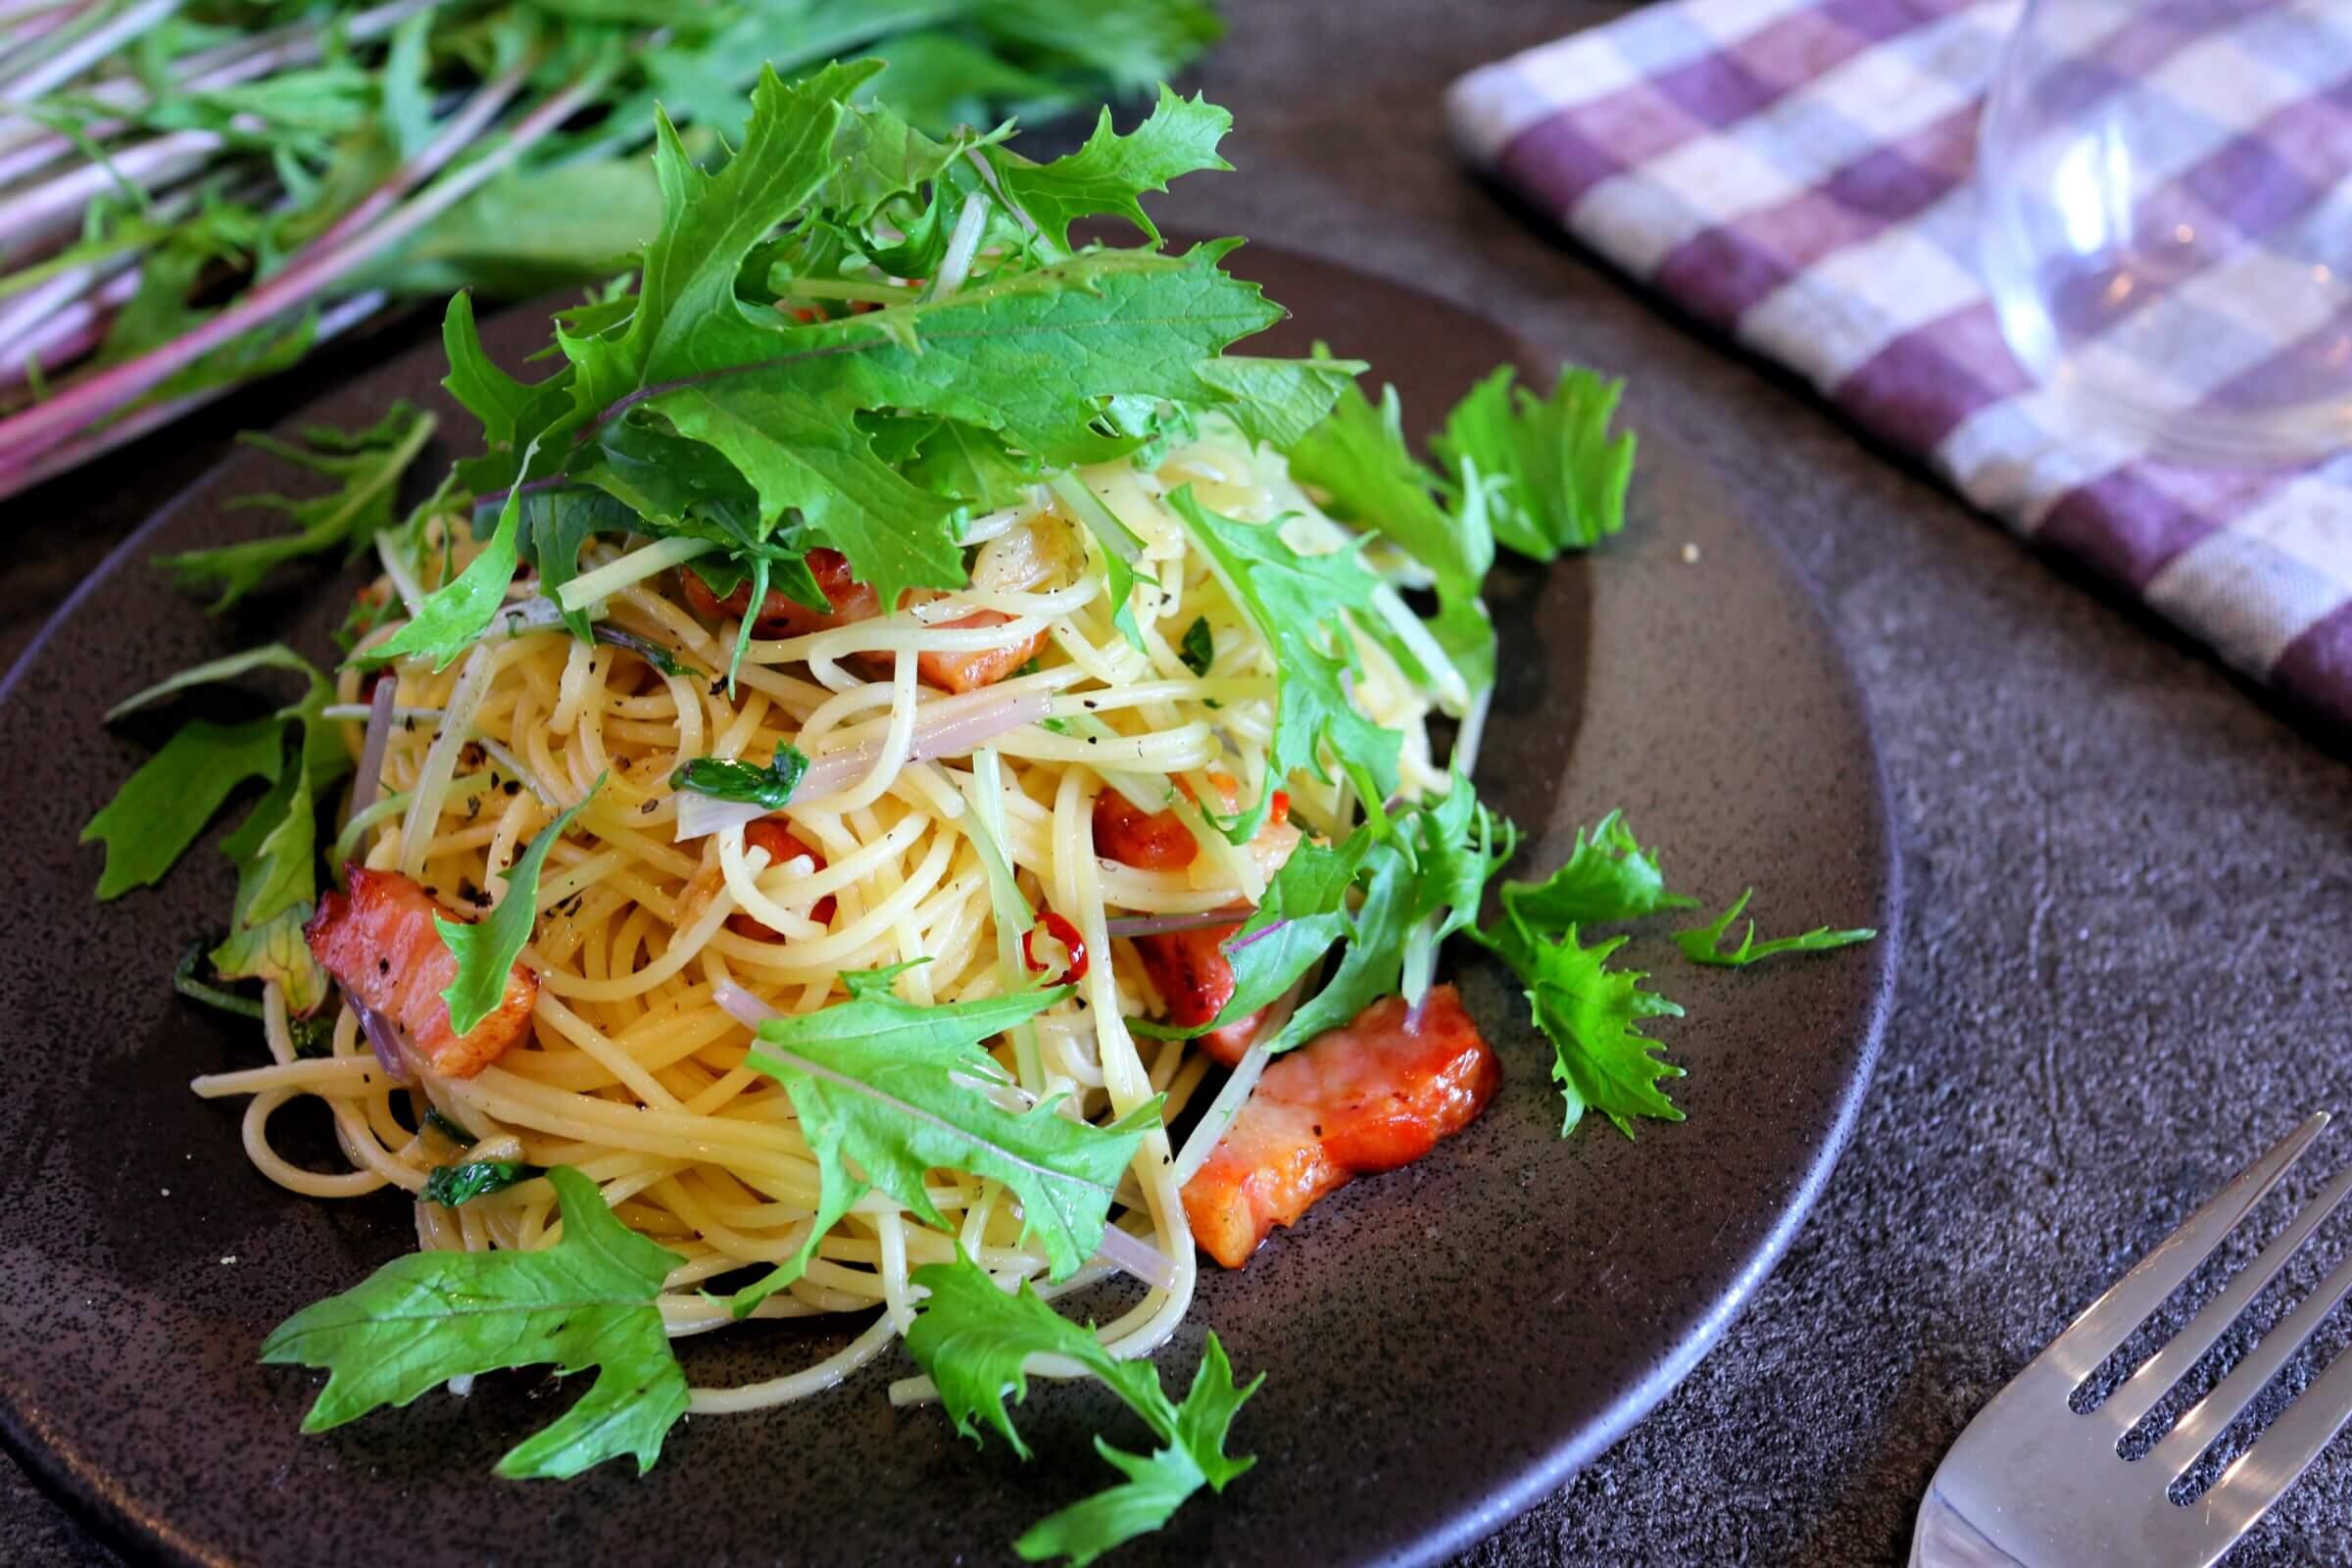 【超簡単!】水菜とベーコンのオイルパスタのレシピ